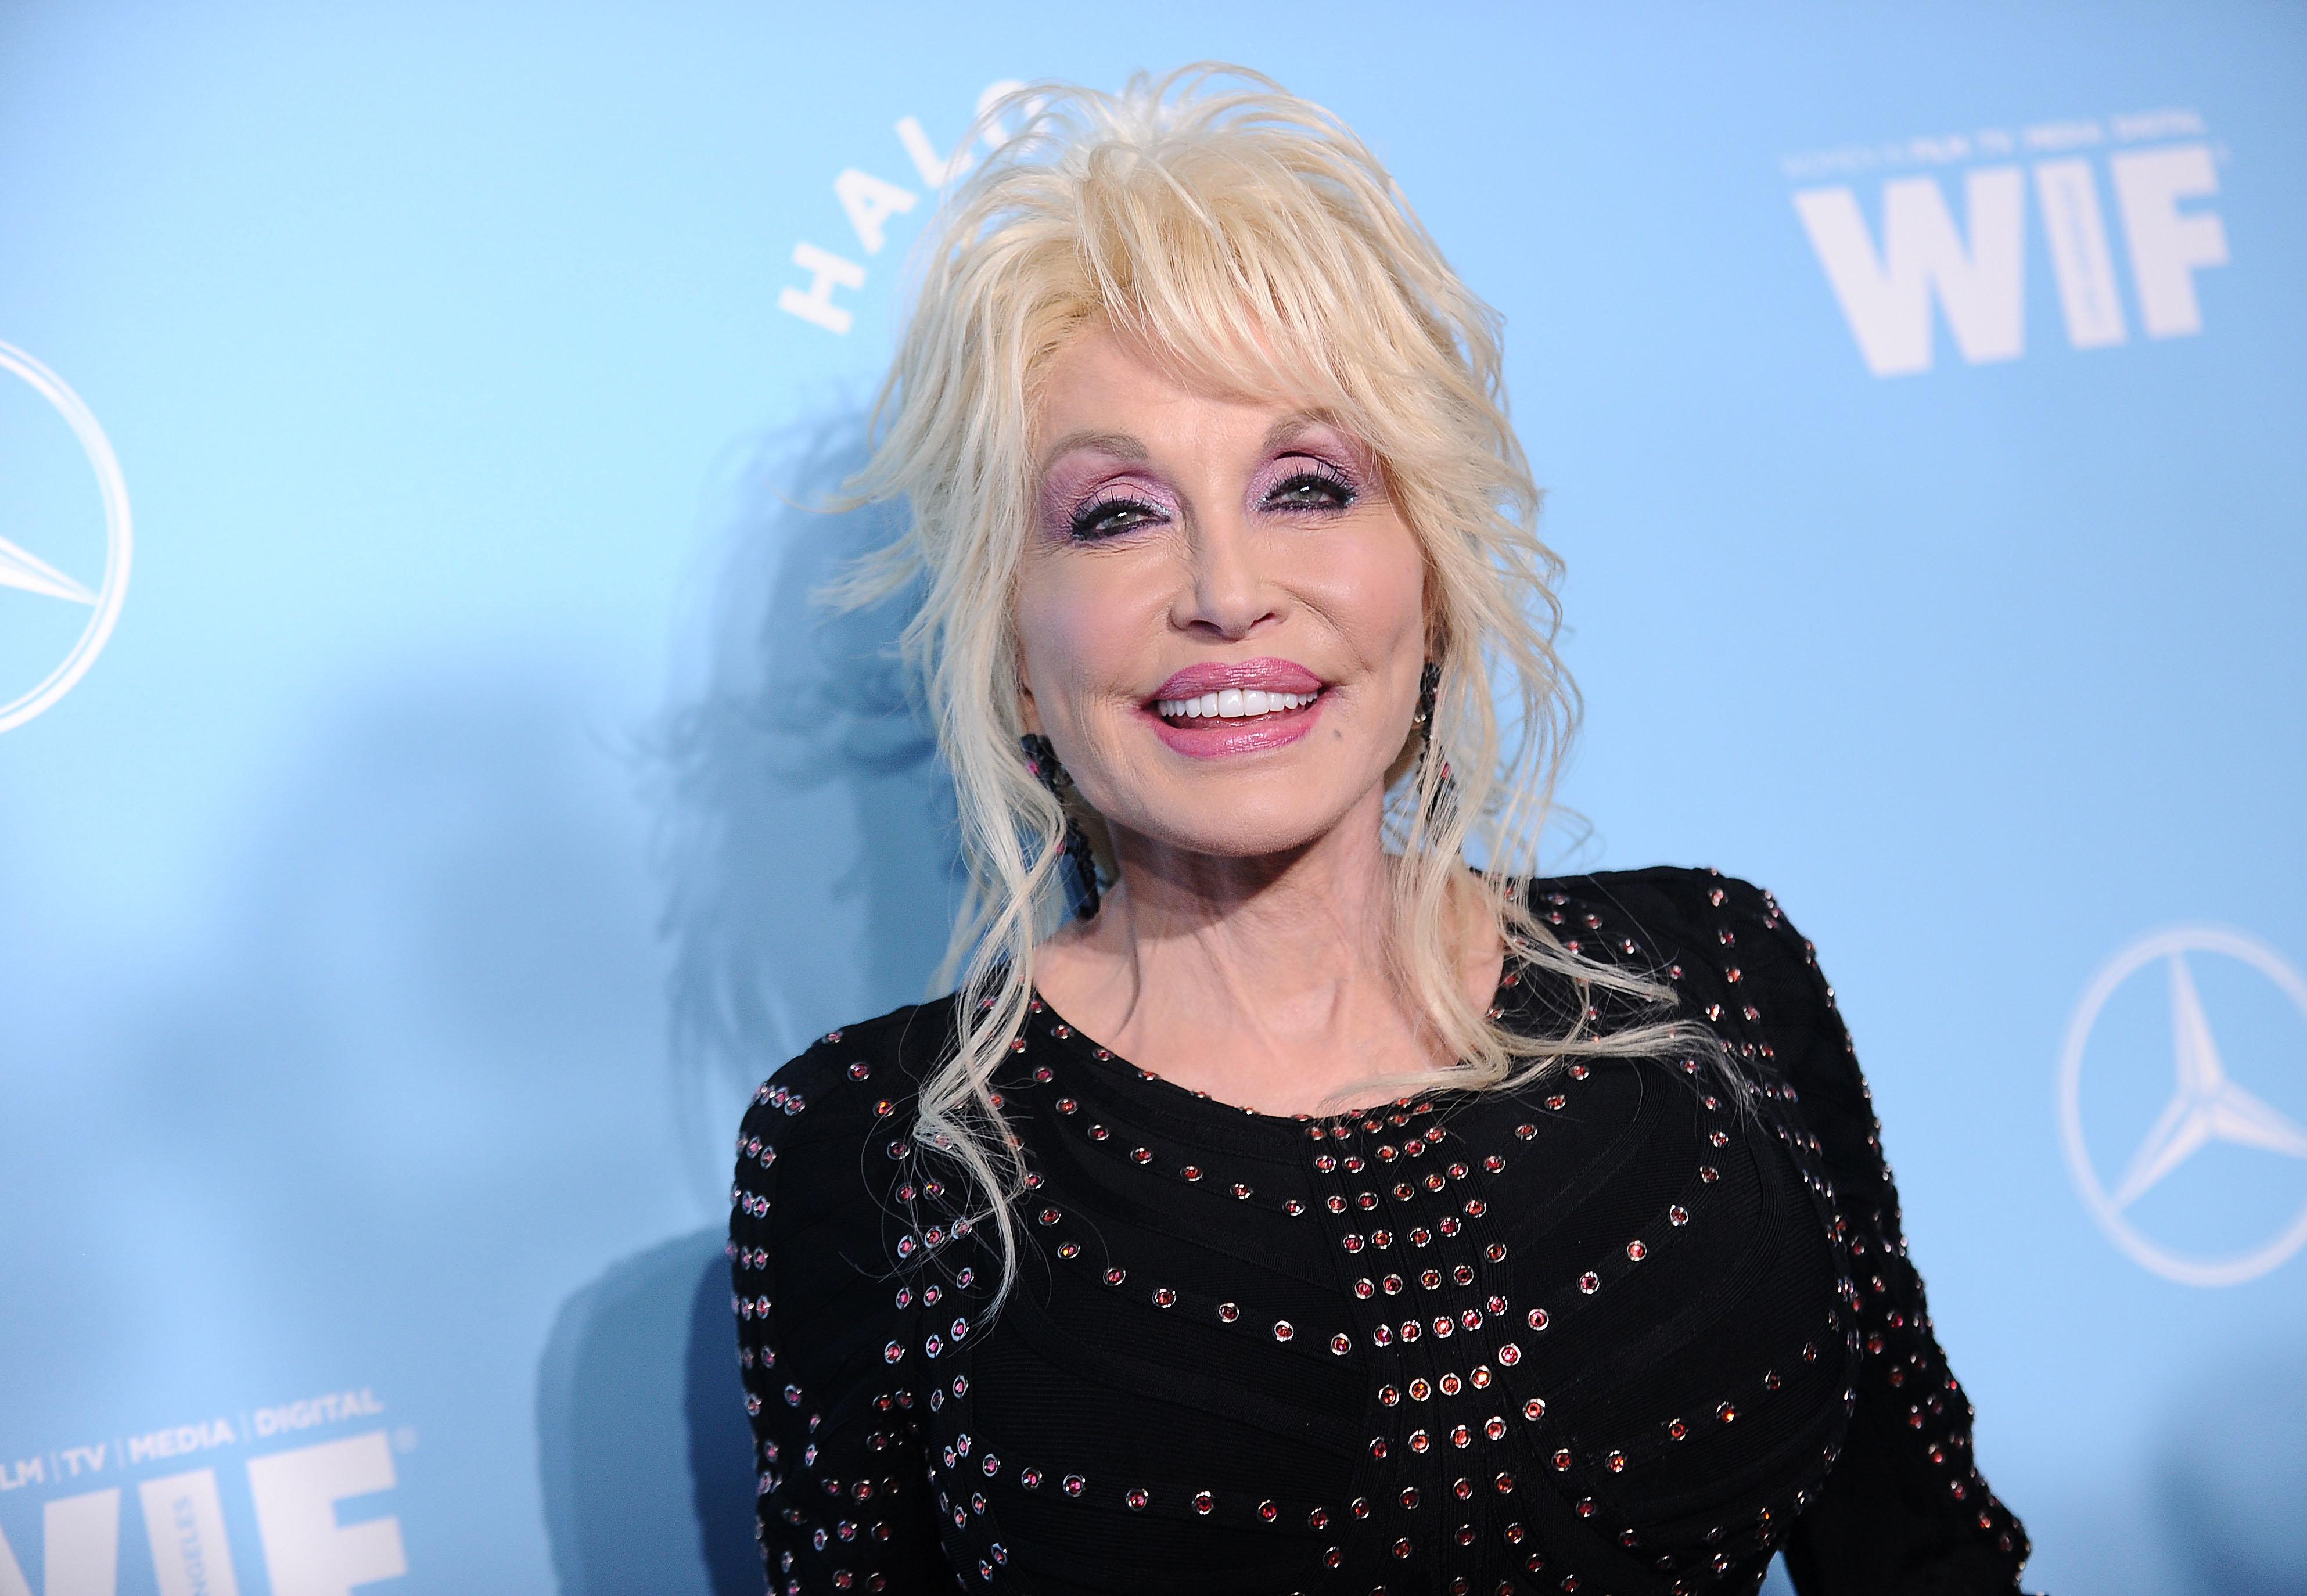 Η Dolly Parton έρχεται στο Netflix. Η πλατφόρμα ετοιμάζει σειρά, βασισμένη στα τραγούδια της